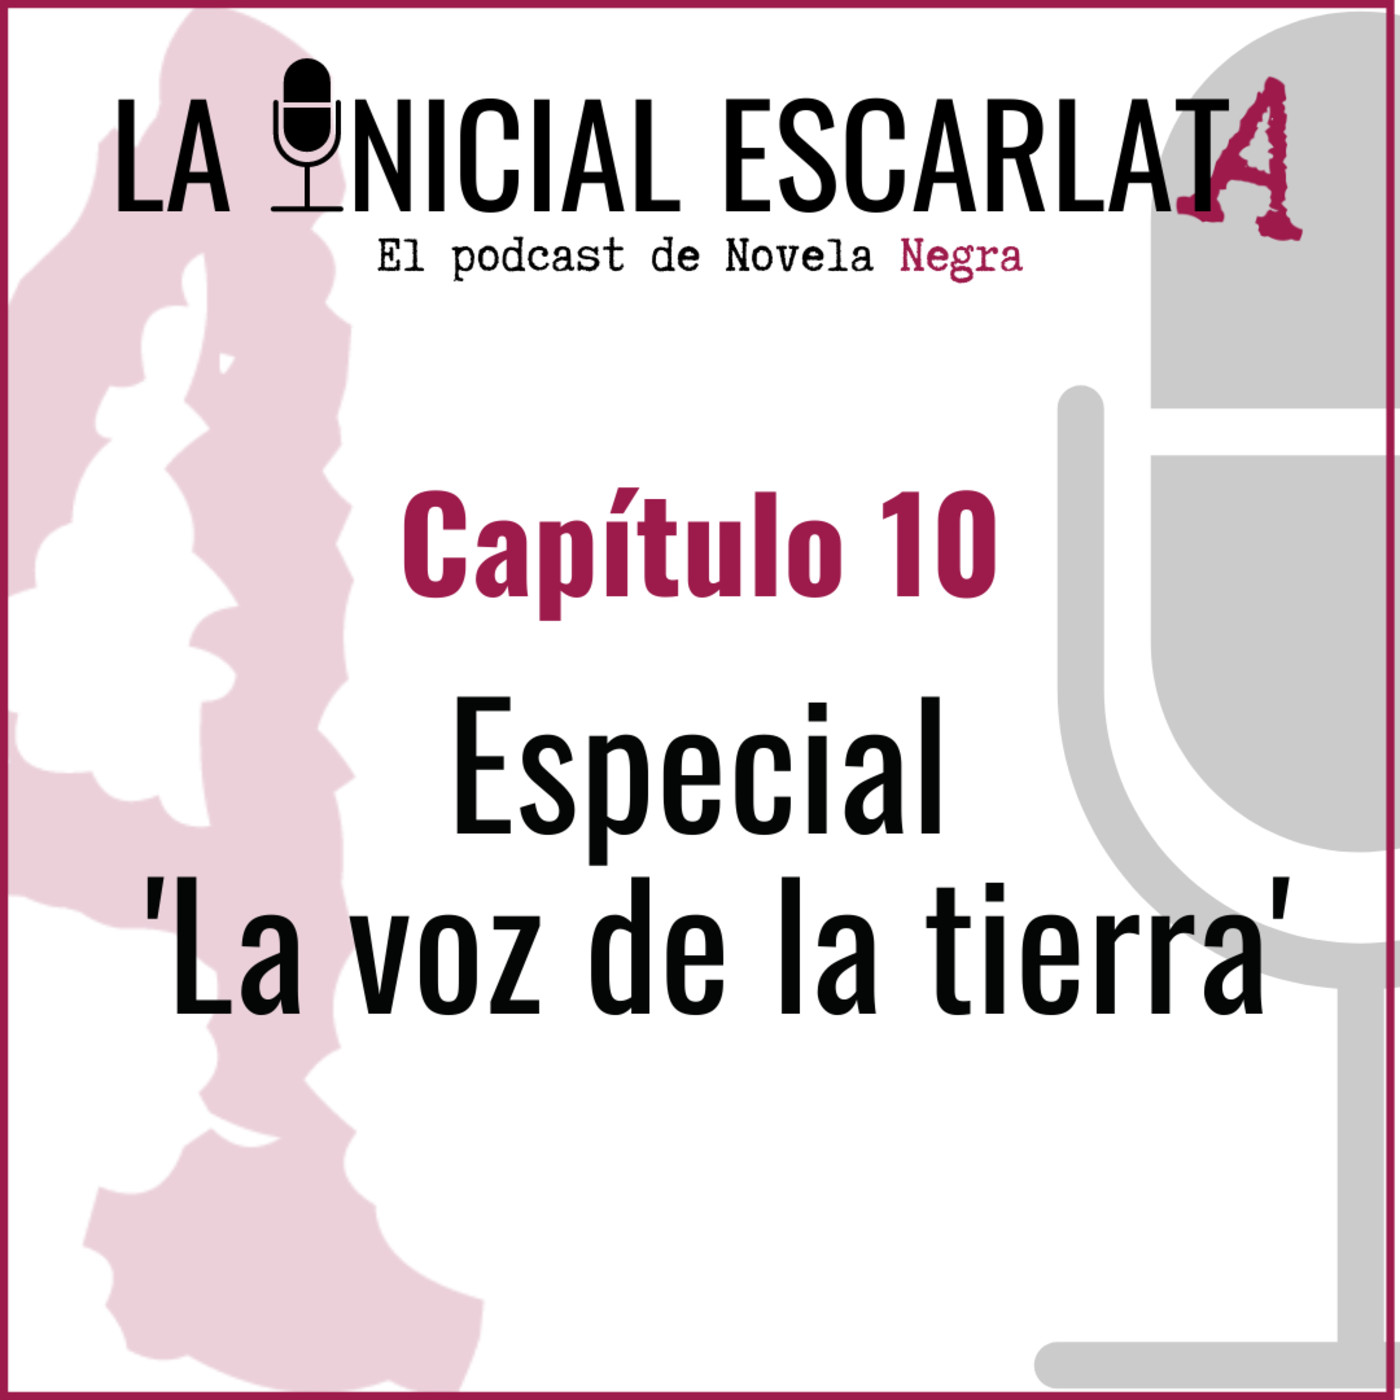 Capítulo 10: Especial 'La voz de la tierra'